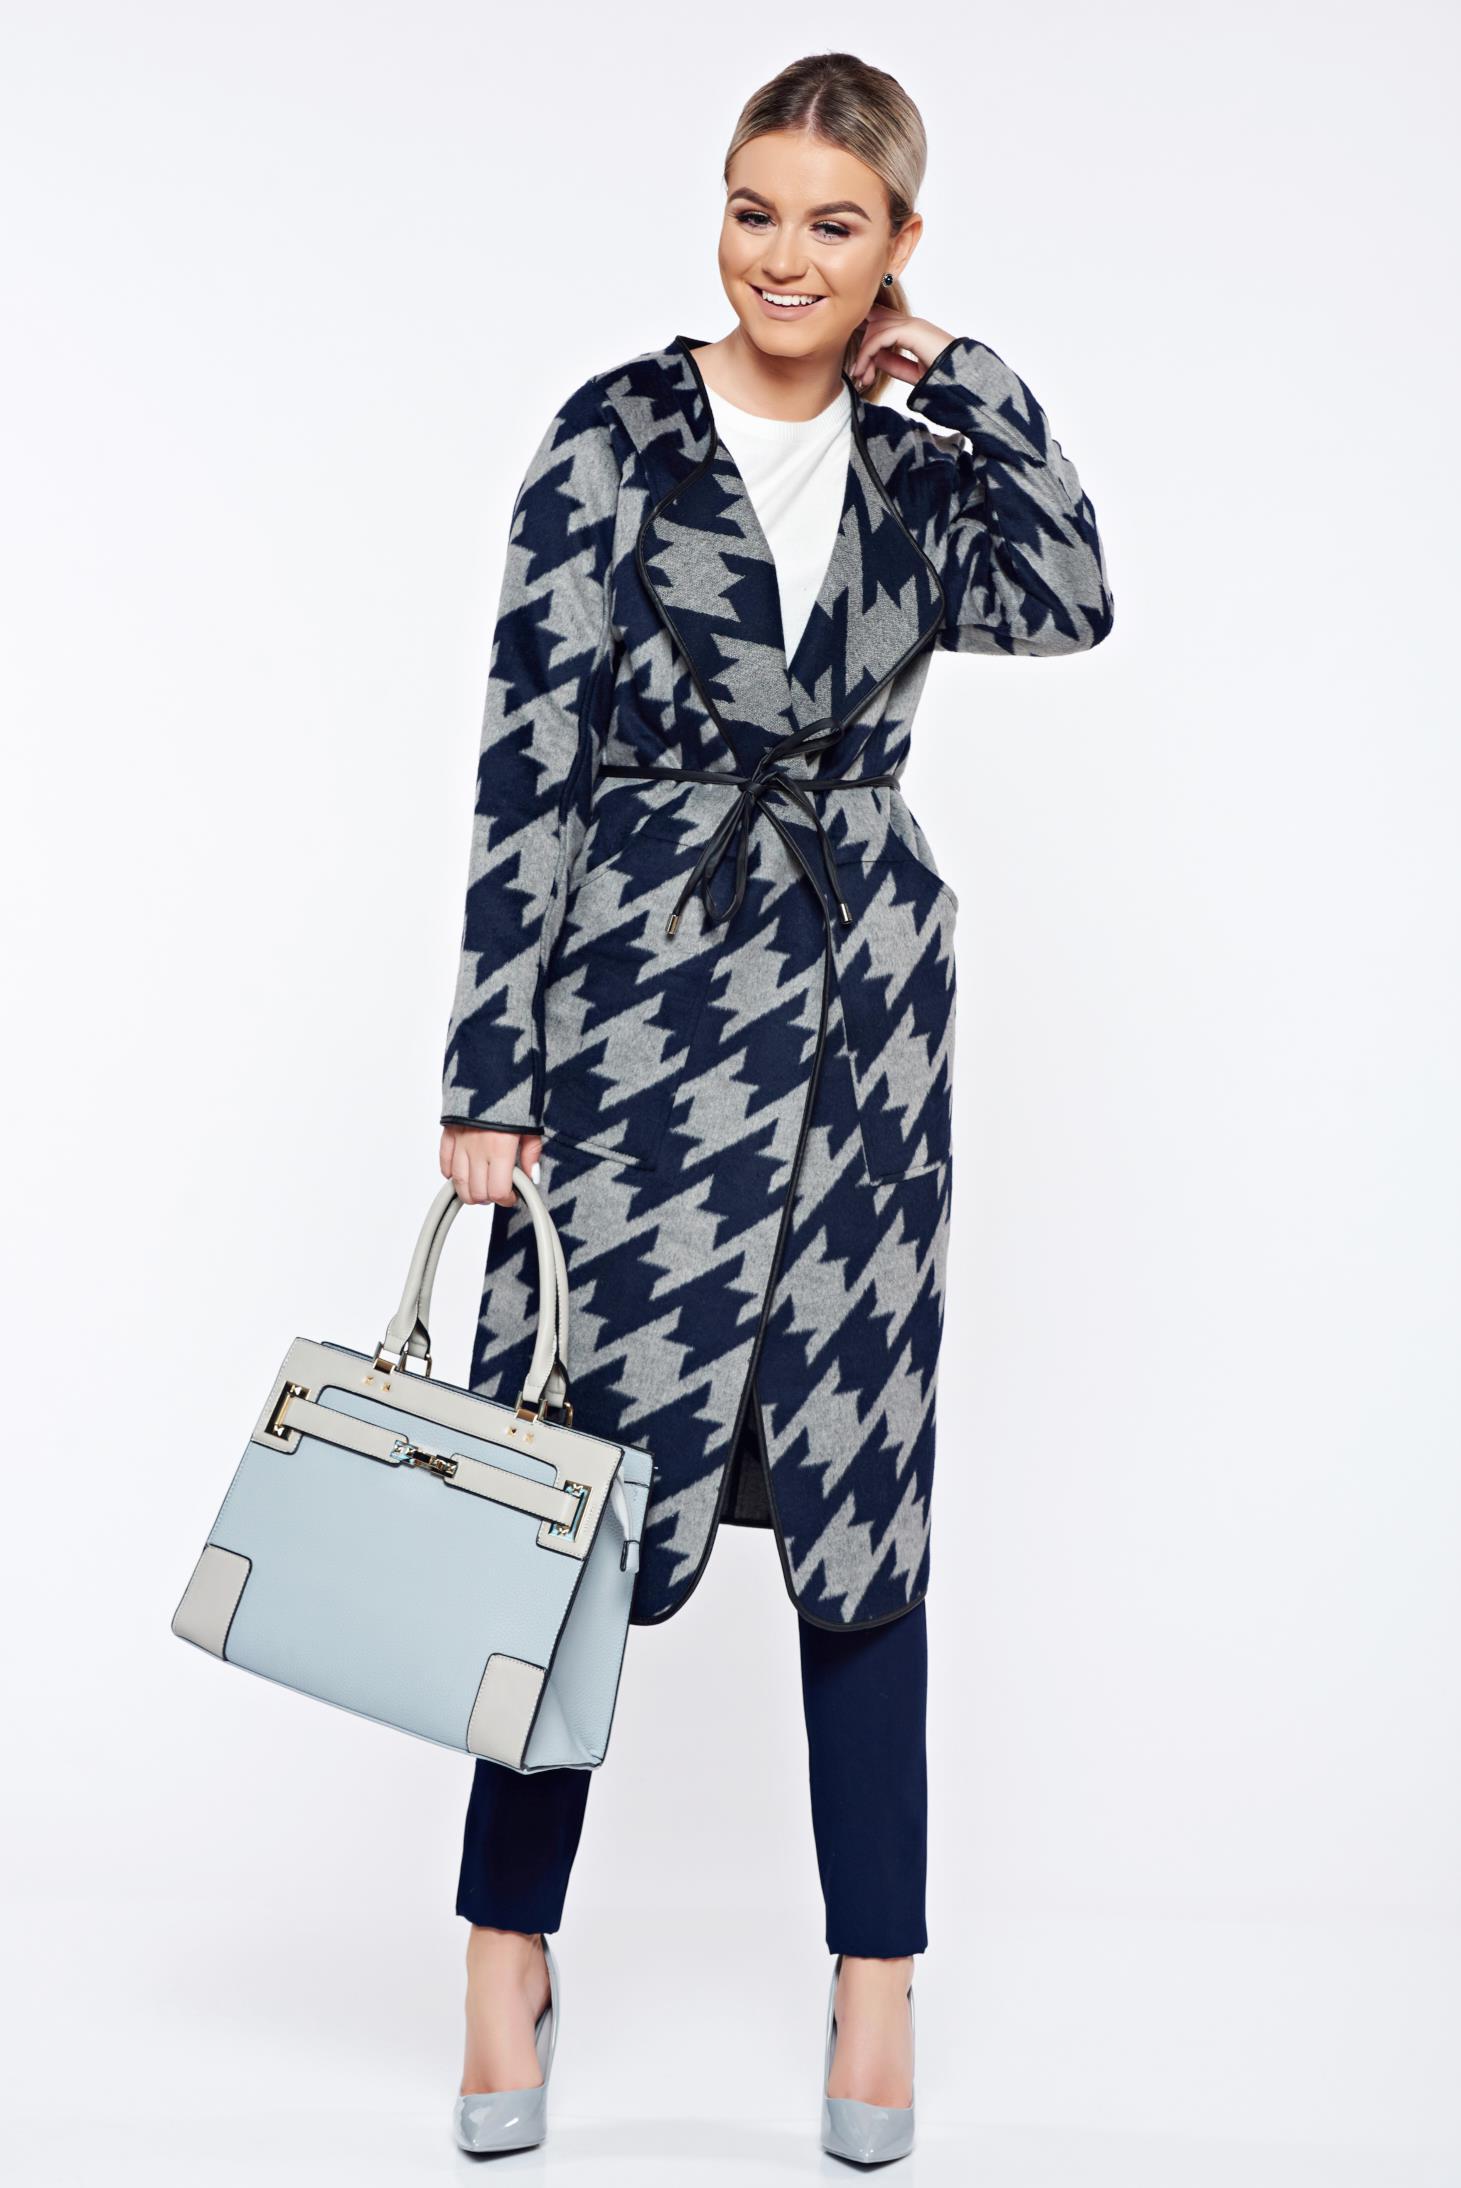 Palton Top Secret albastru-inchis casual drept cu imprimeuri grafice